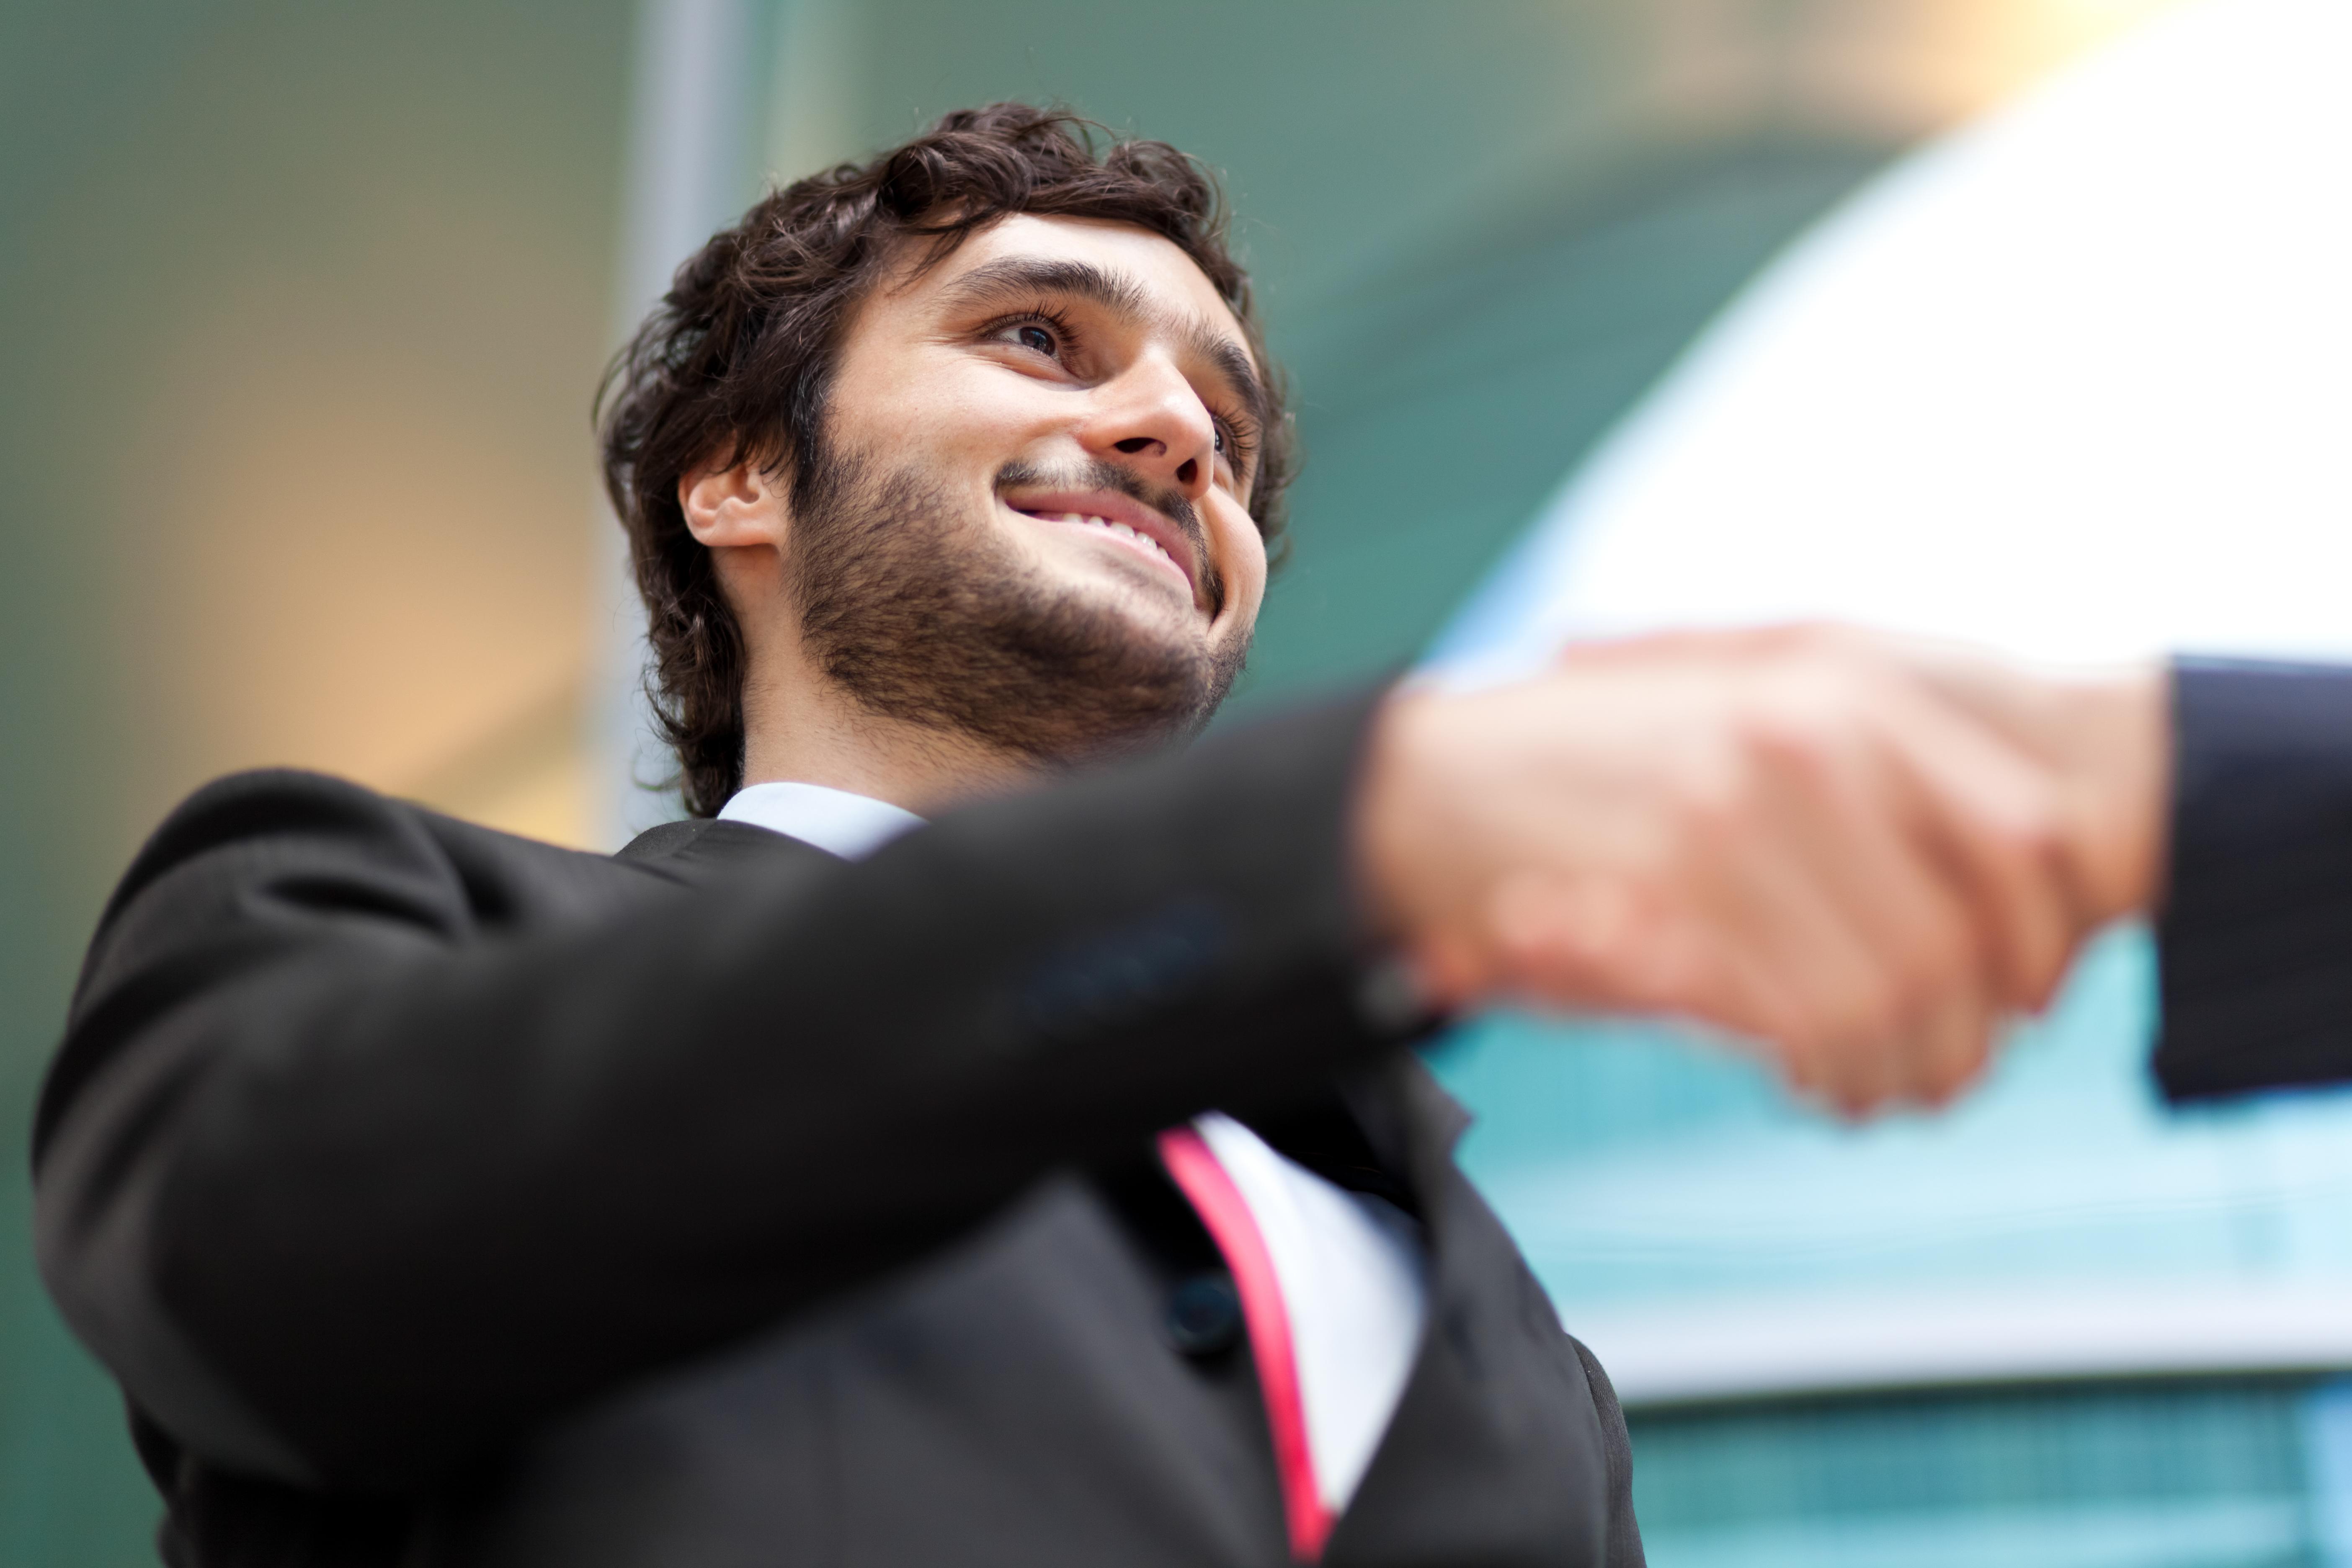 Claves para captar jóvenes talentos en una Pyme: Recursos Humanos y estrategia empresarial